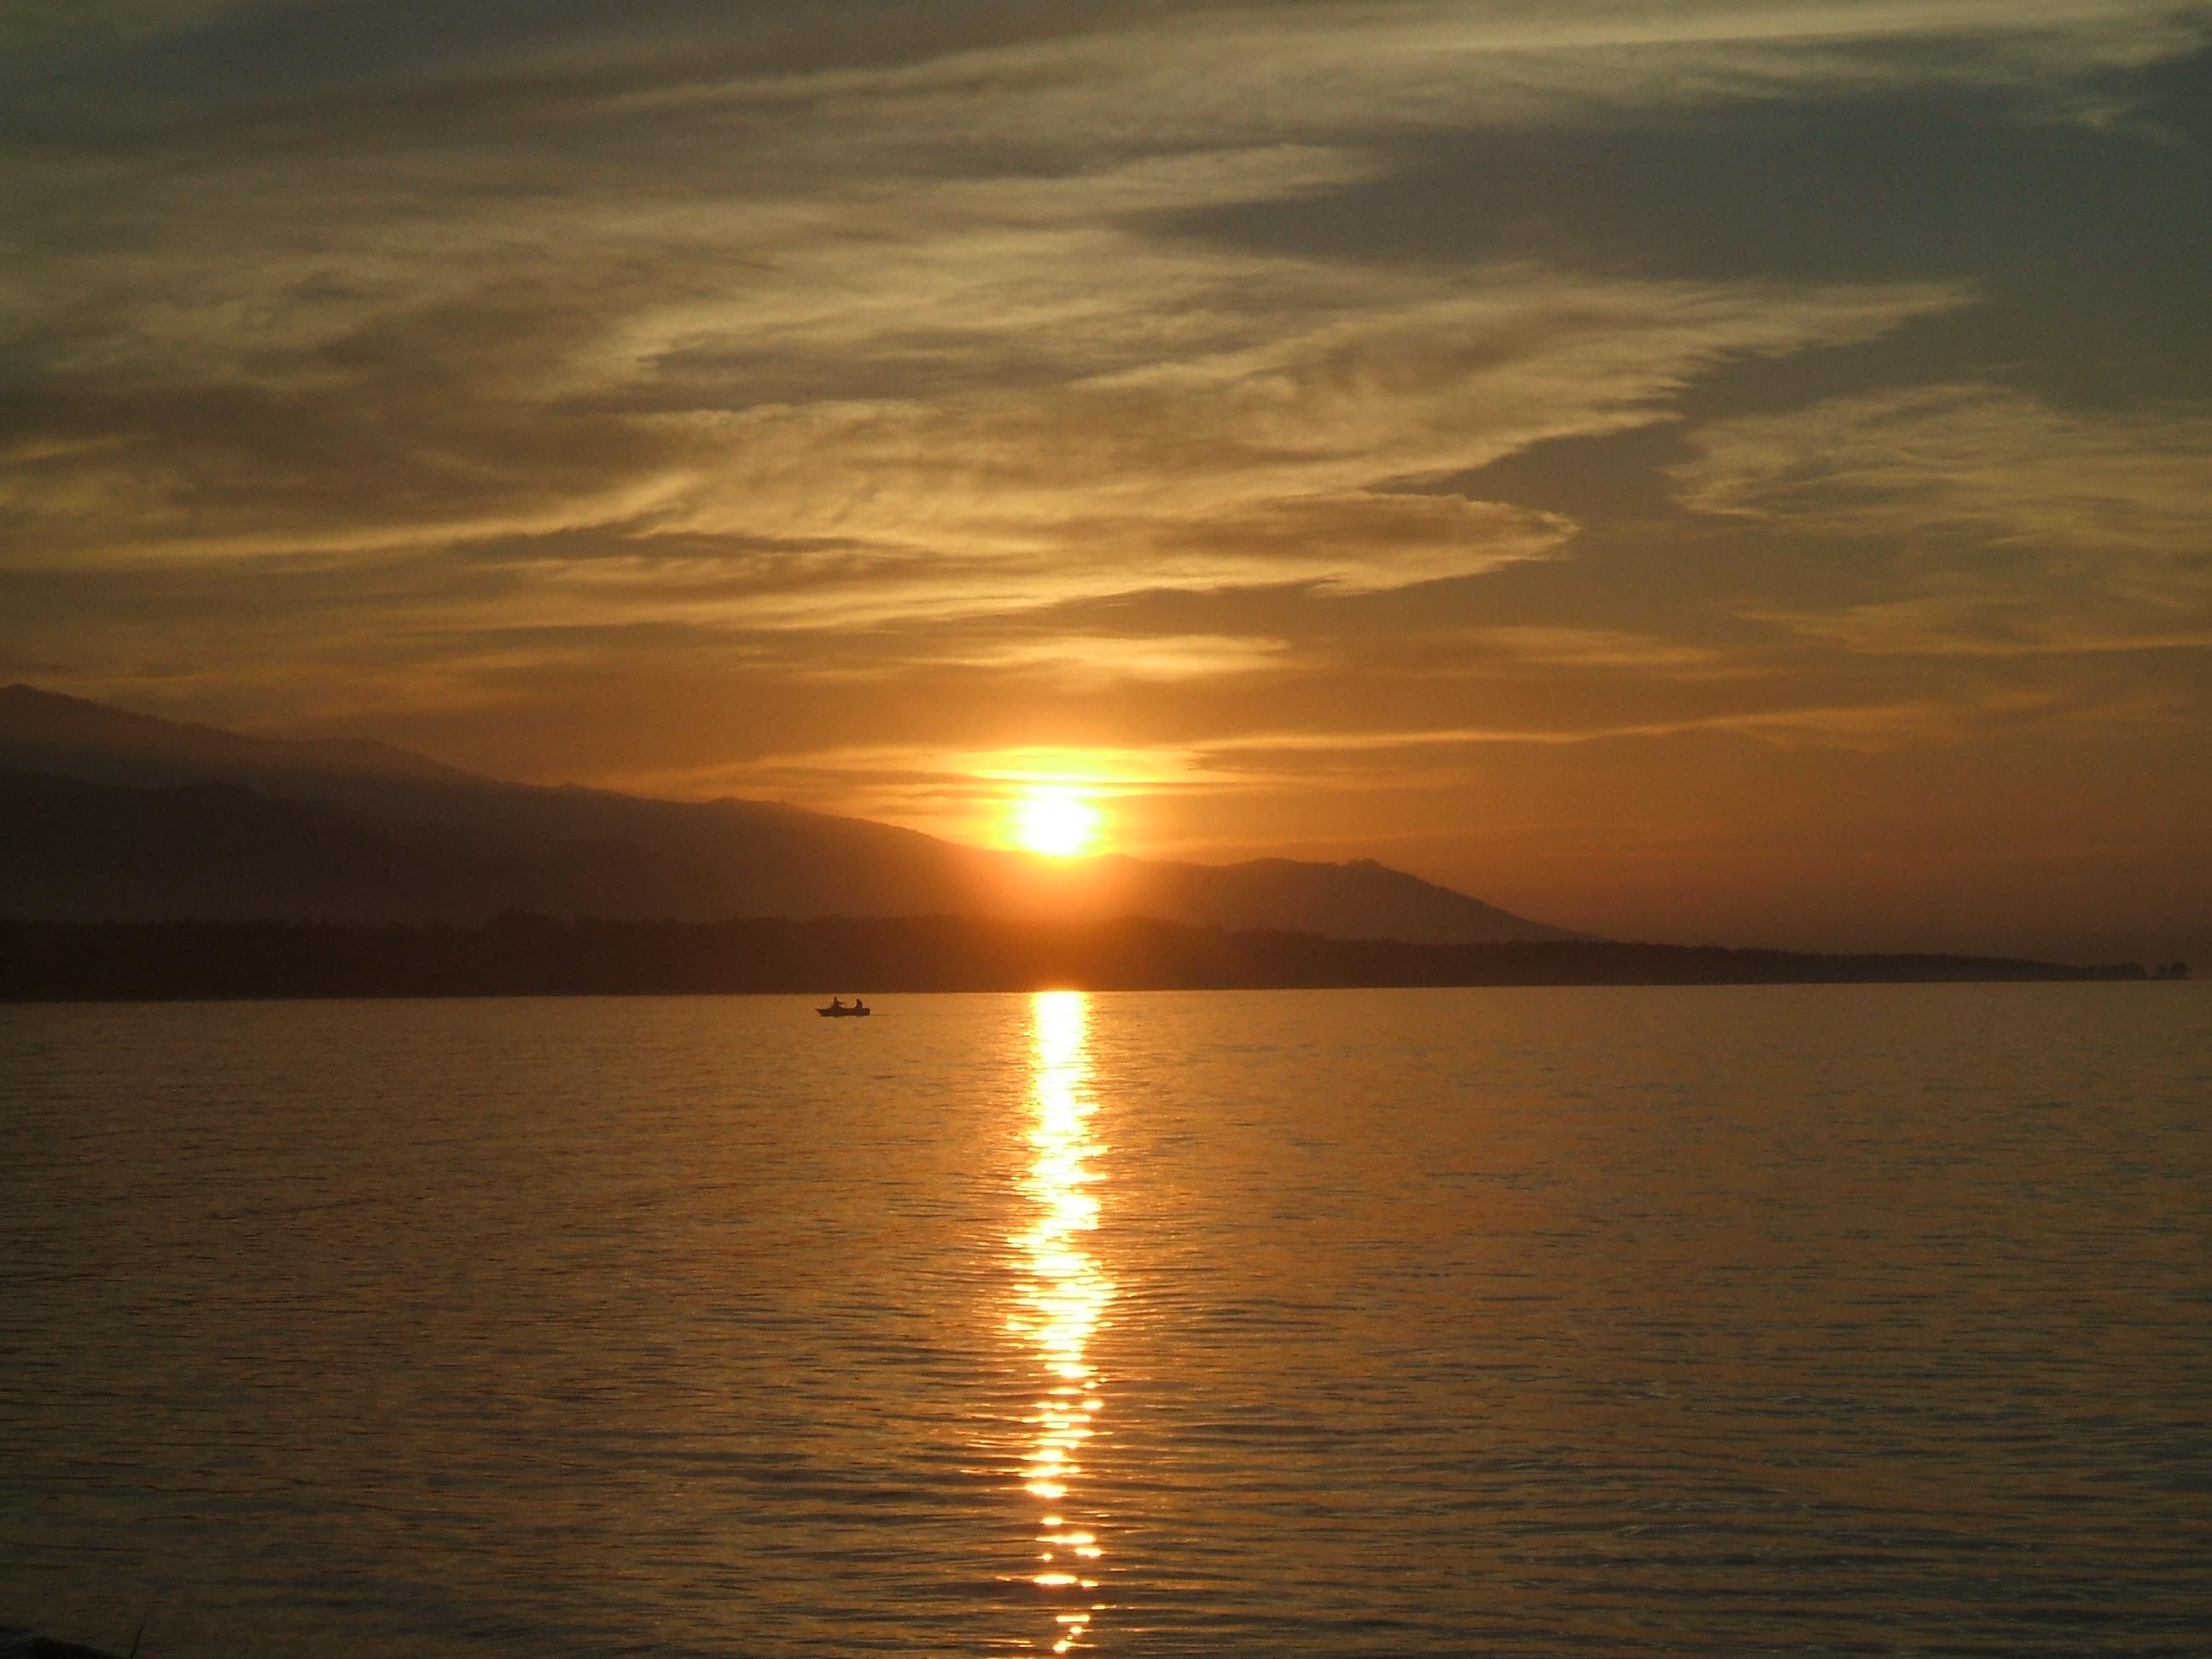 Puesta de sol en el lago Baikal.